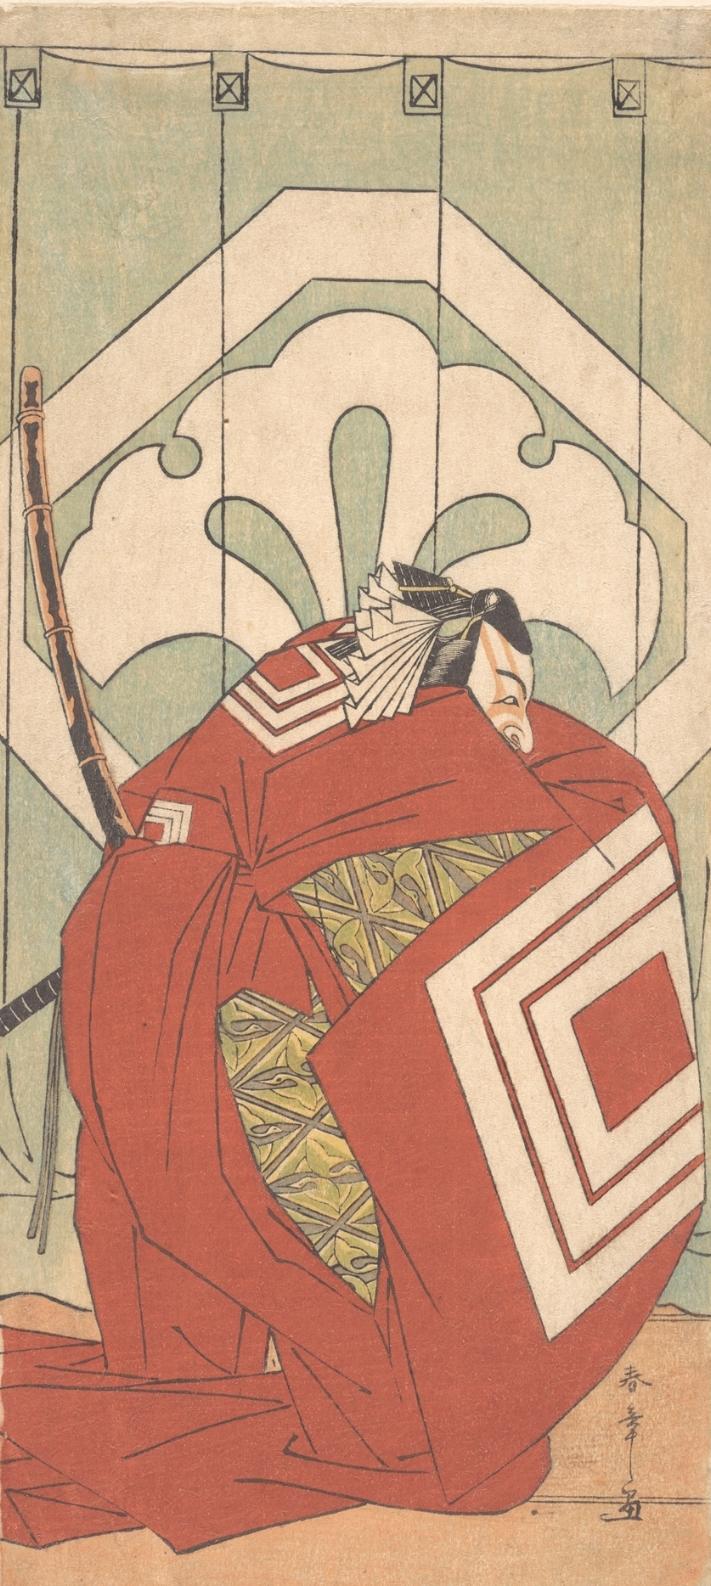 Ichikawa Danjuro V in a Shibaraku Role